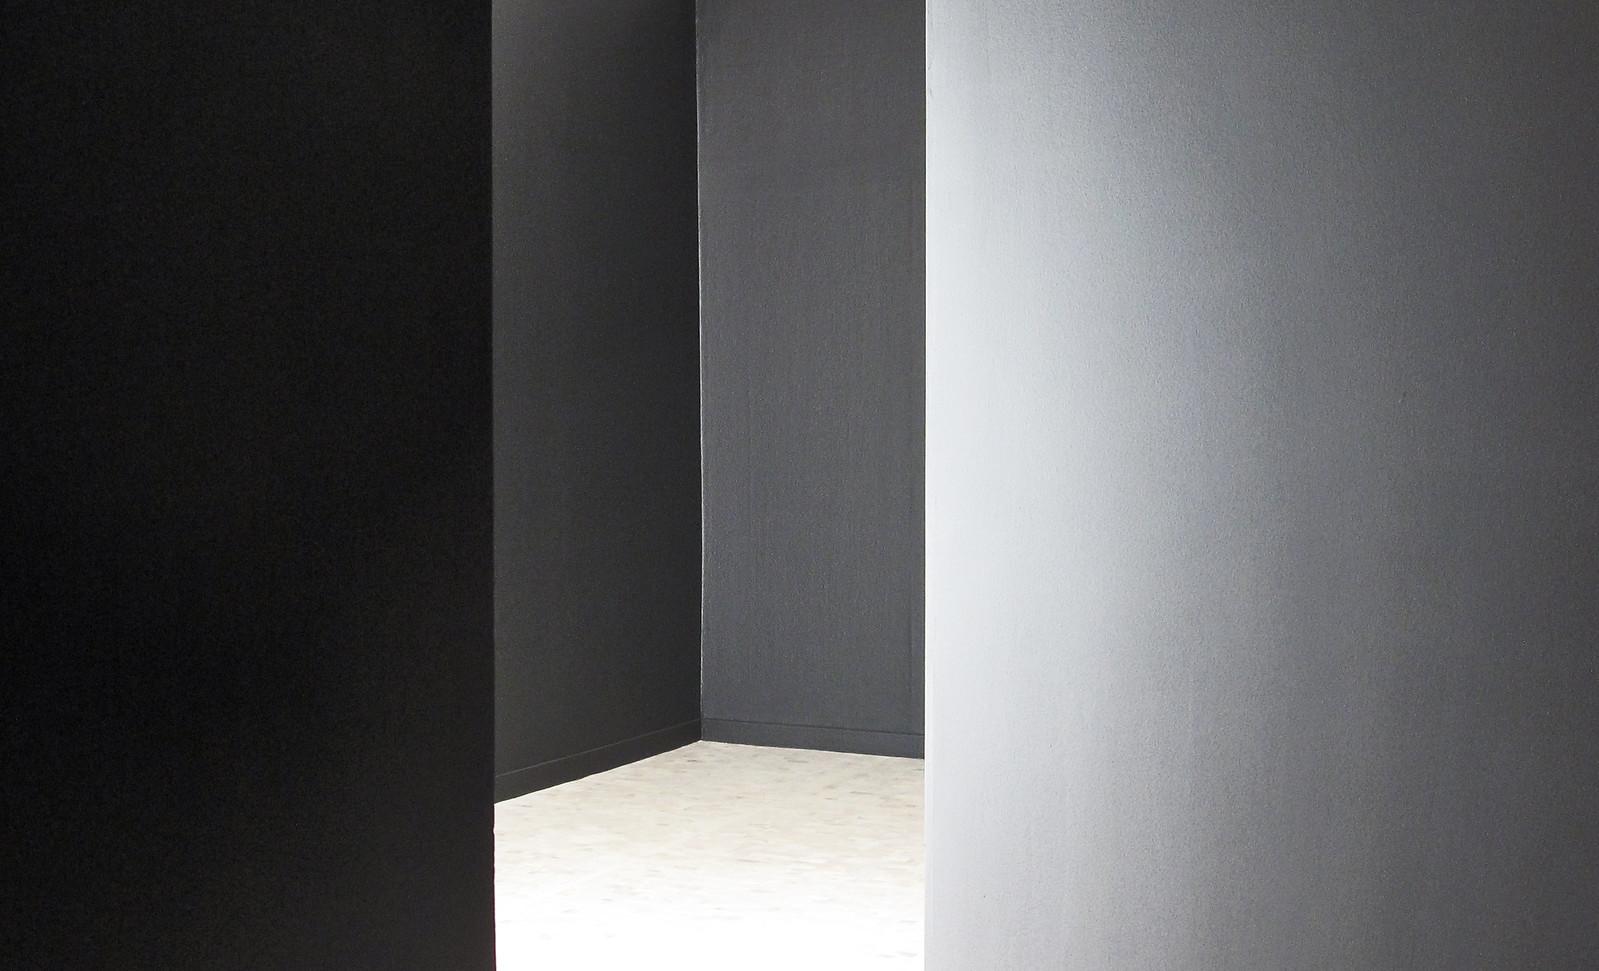 abstracta 11